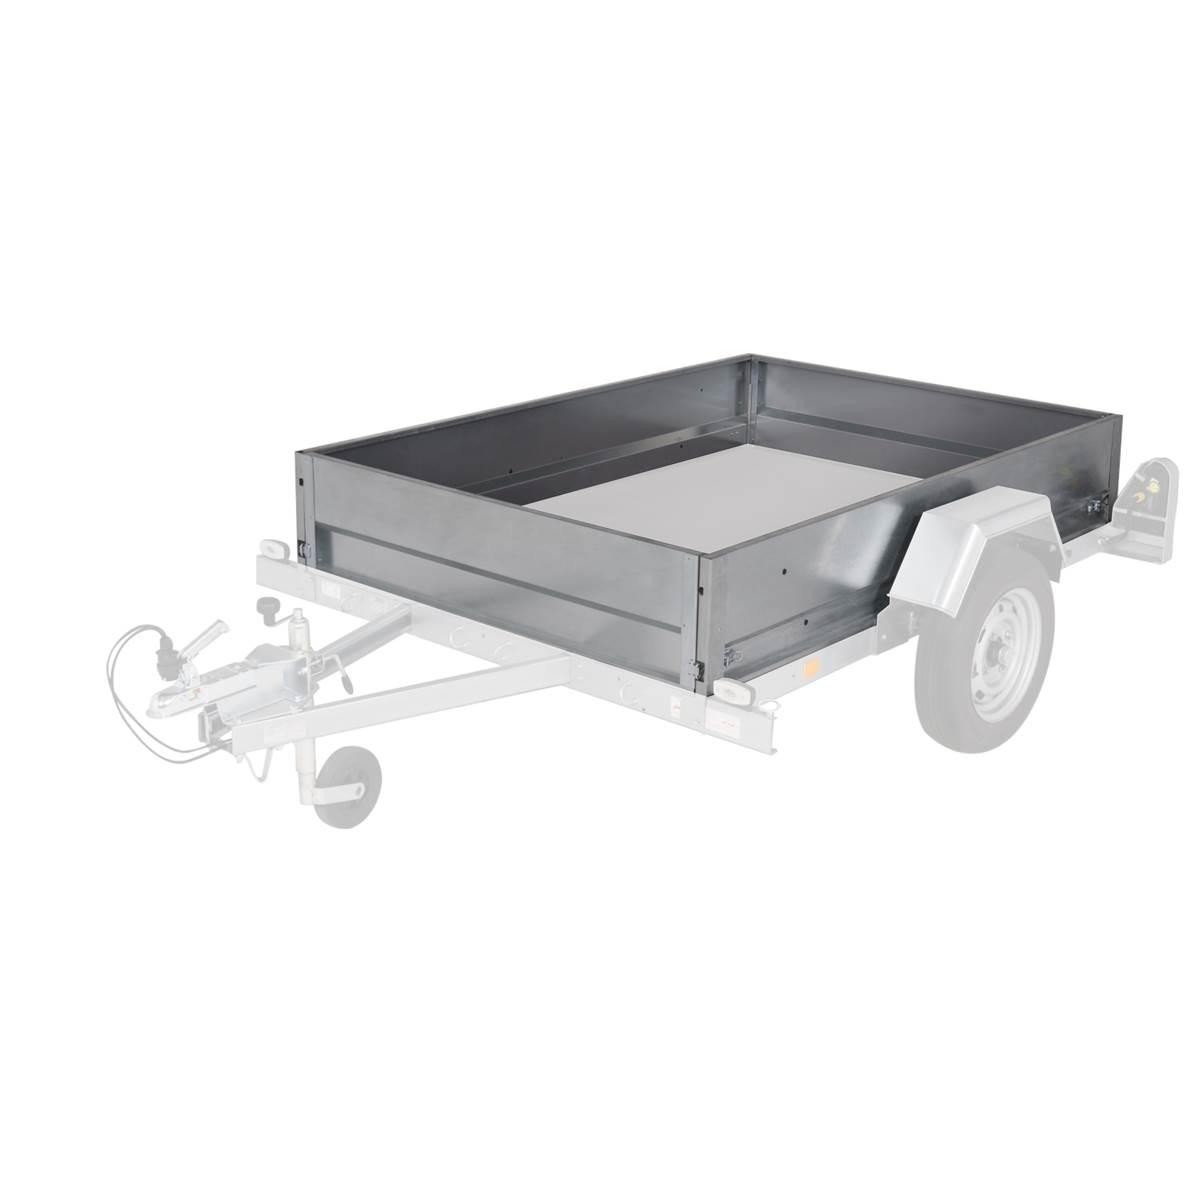 kit ridelles pour ch ssis 200x142 vendu par feu vert 2209676. Black Bedroom Furniture Sets. Home Design Ideas